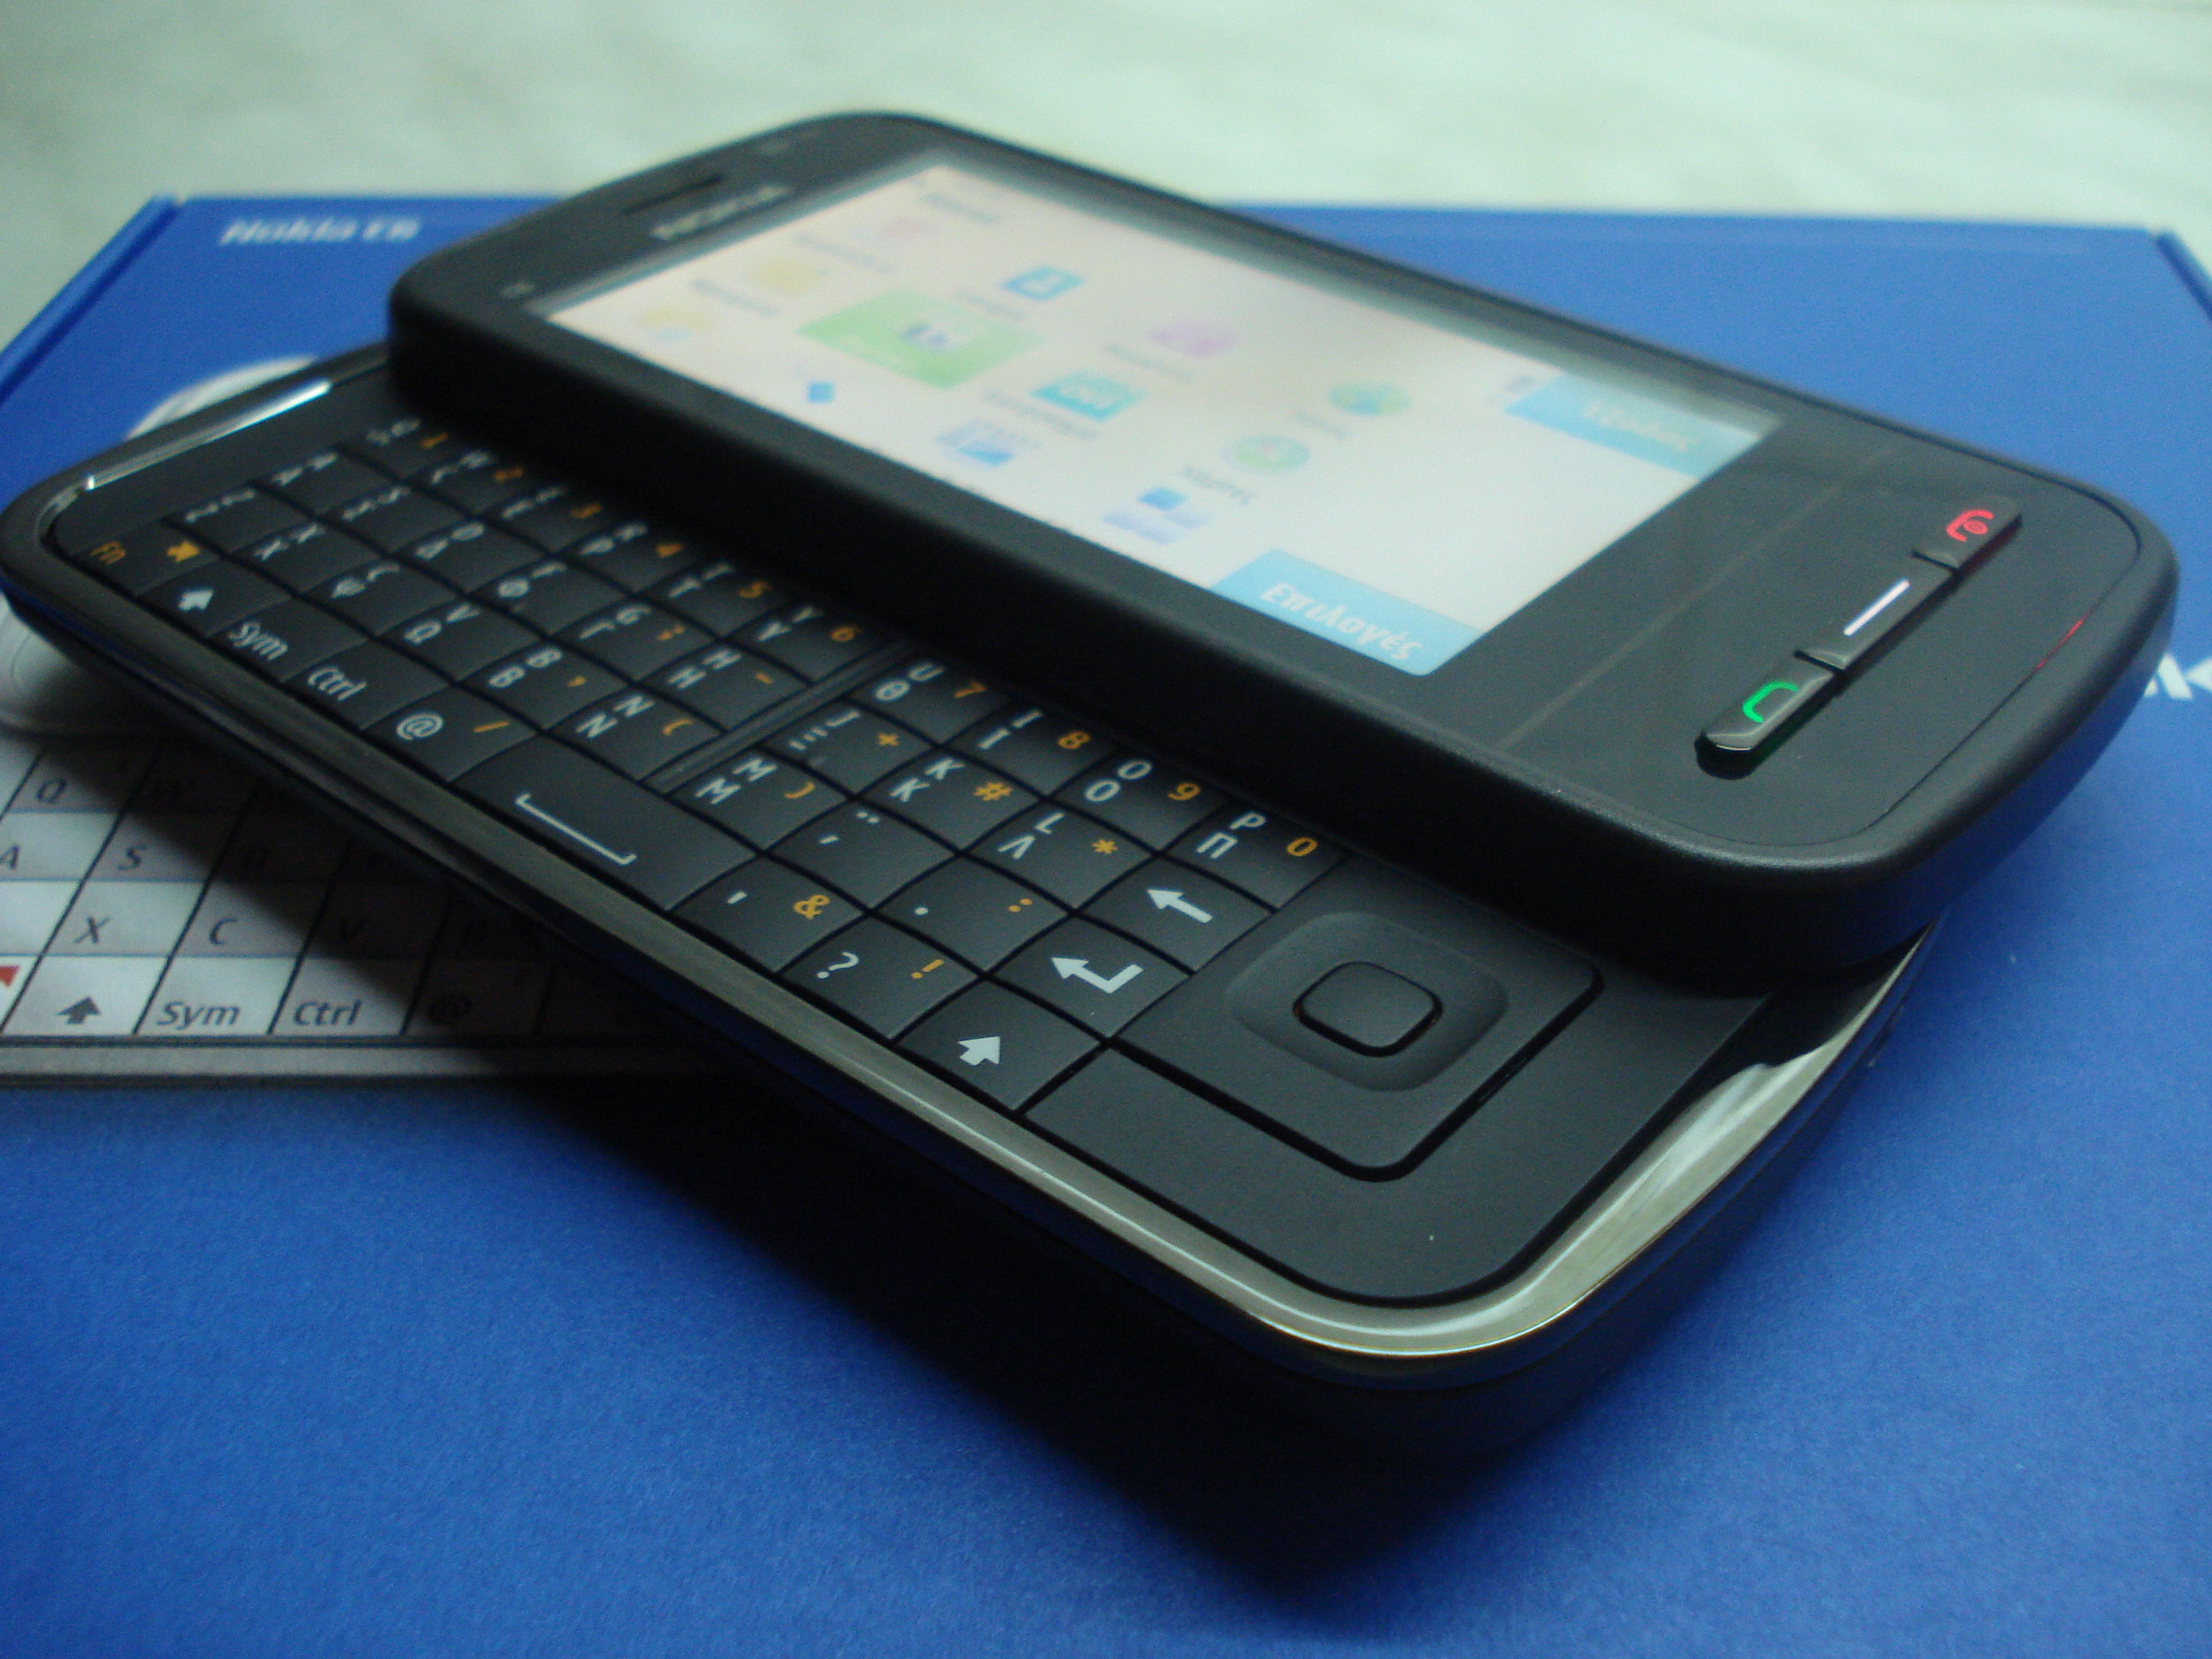 Nokia x7 00 software - Nokia X7 00 Software 15